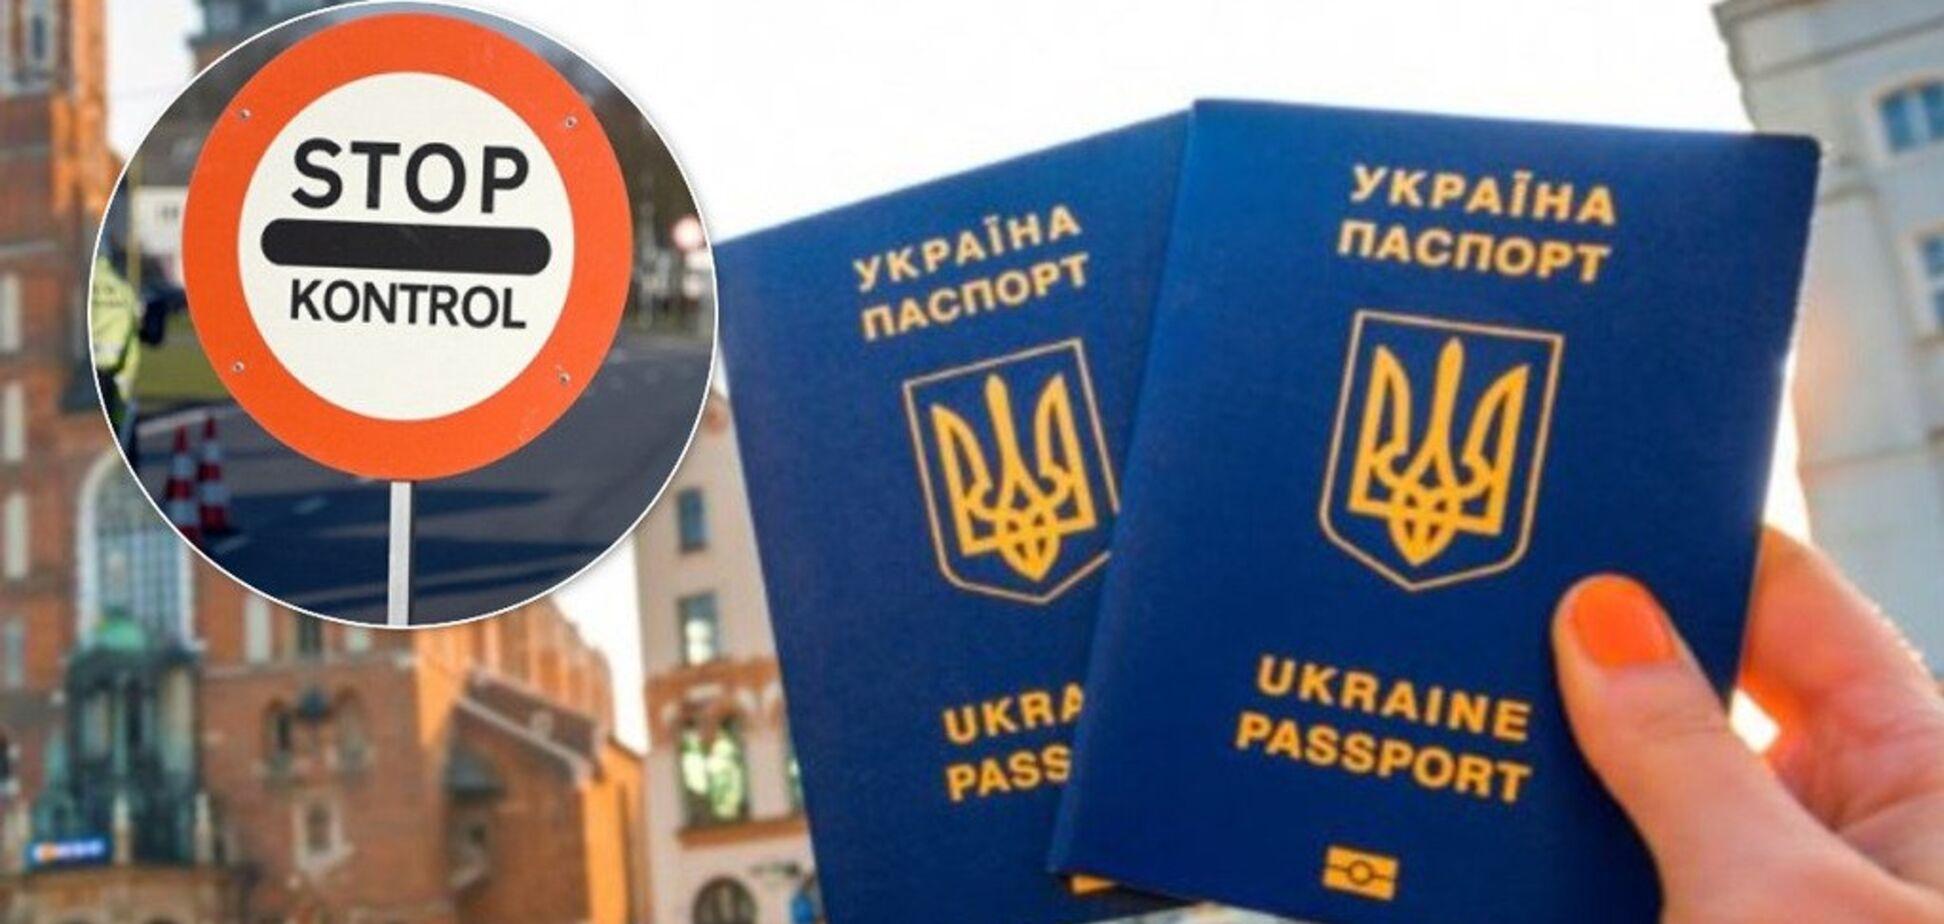 Для українців ускладнять в'їзд у ЄС: доведеться платити й реєструватися